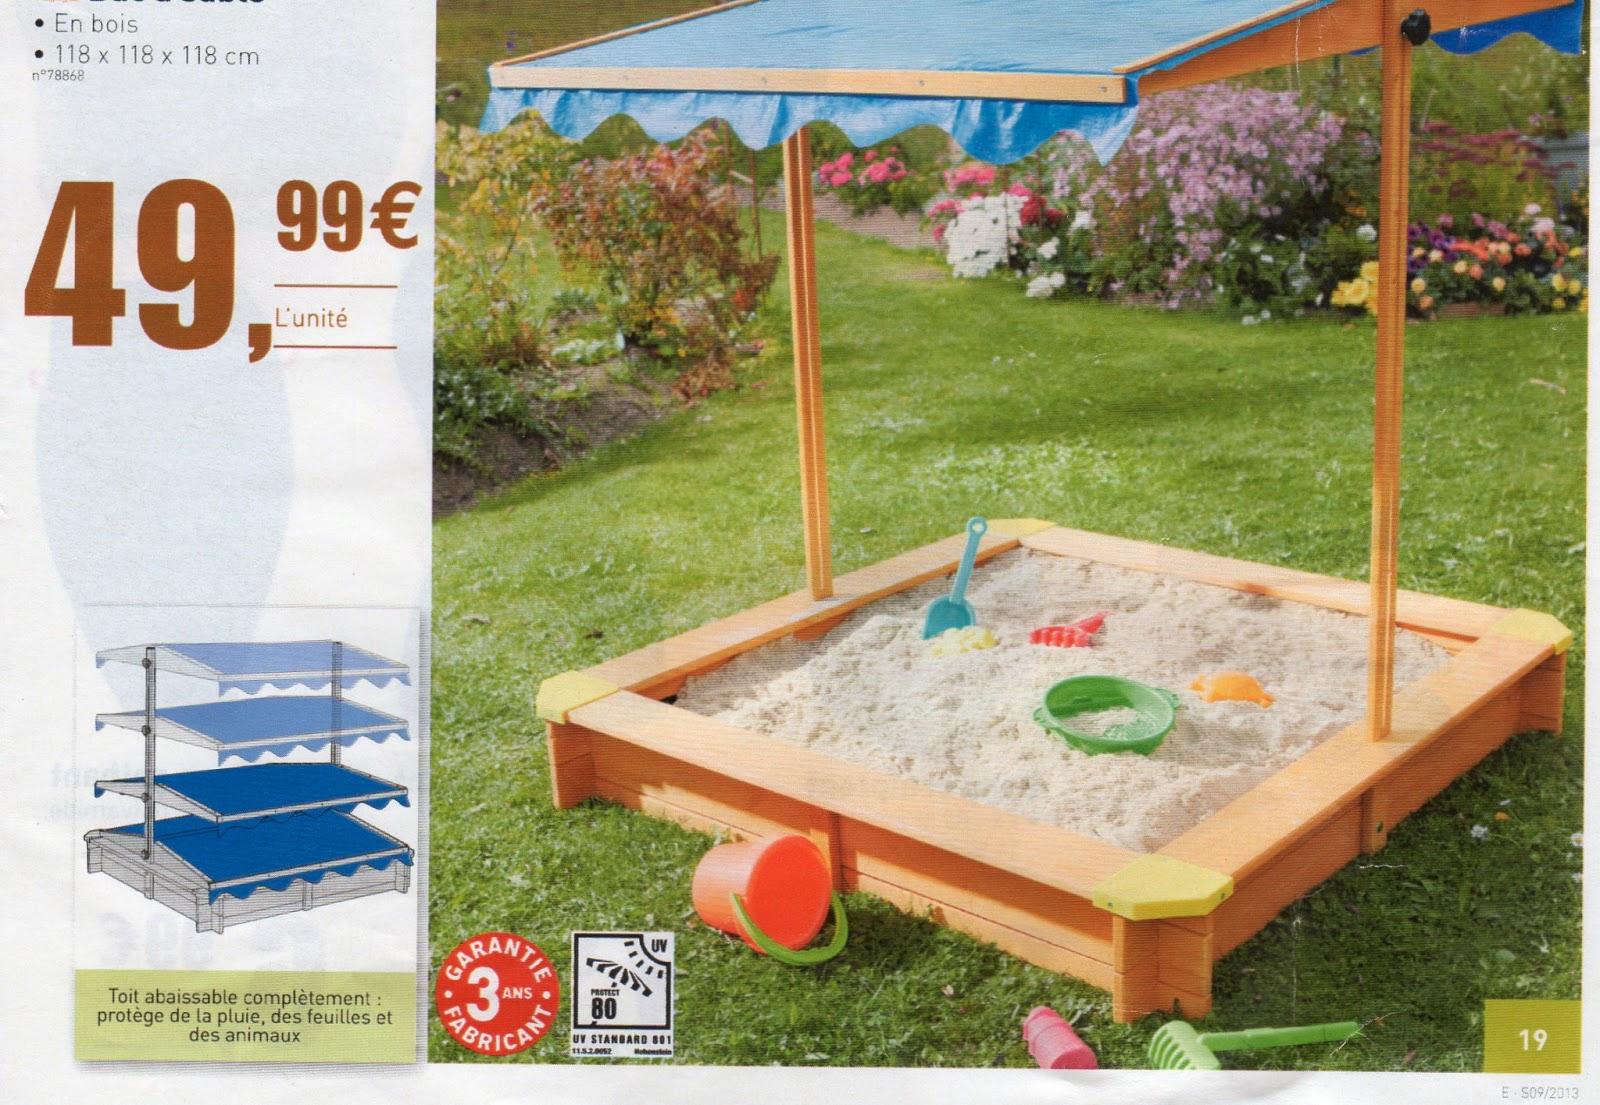 les jardins familiaux de feunteun don histoire de bac sable. Black Bedroom Furniture Sets. Home Design Ideas